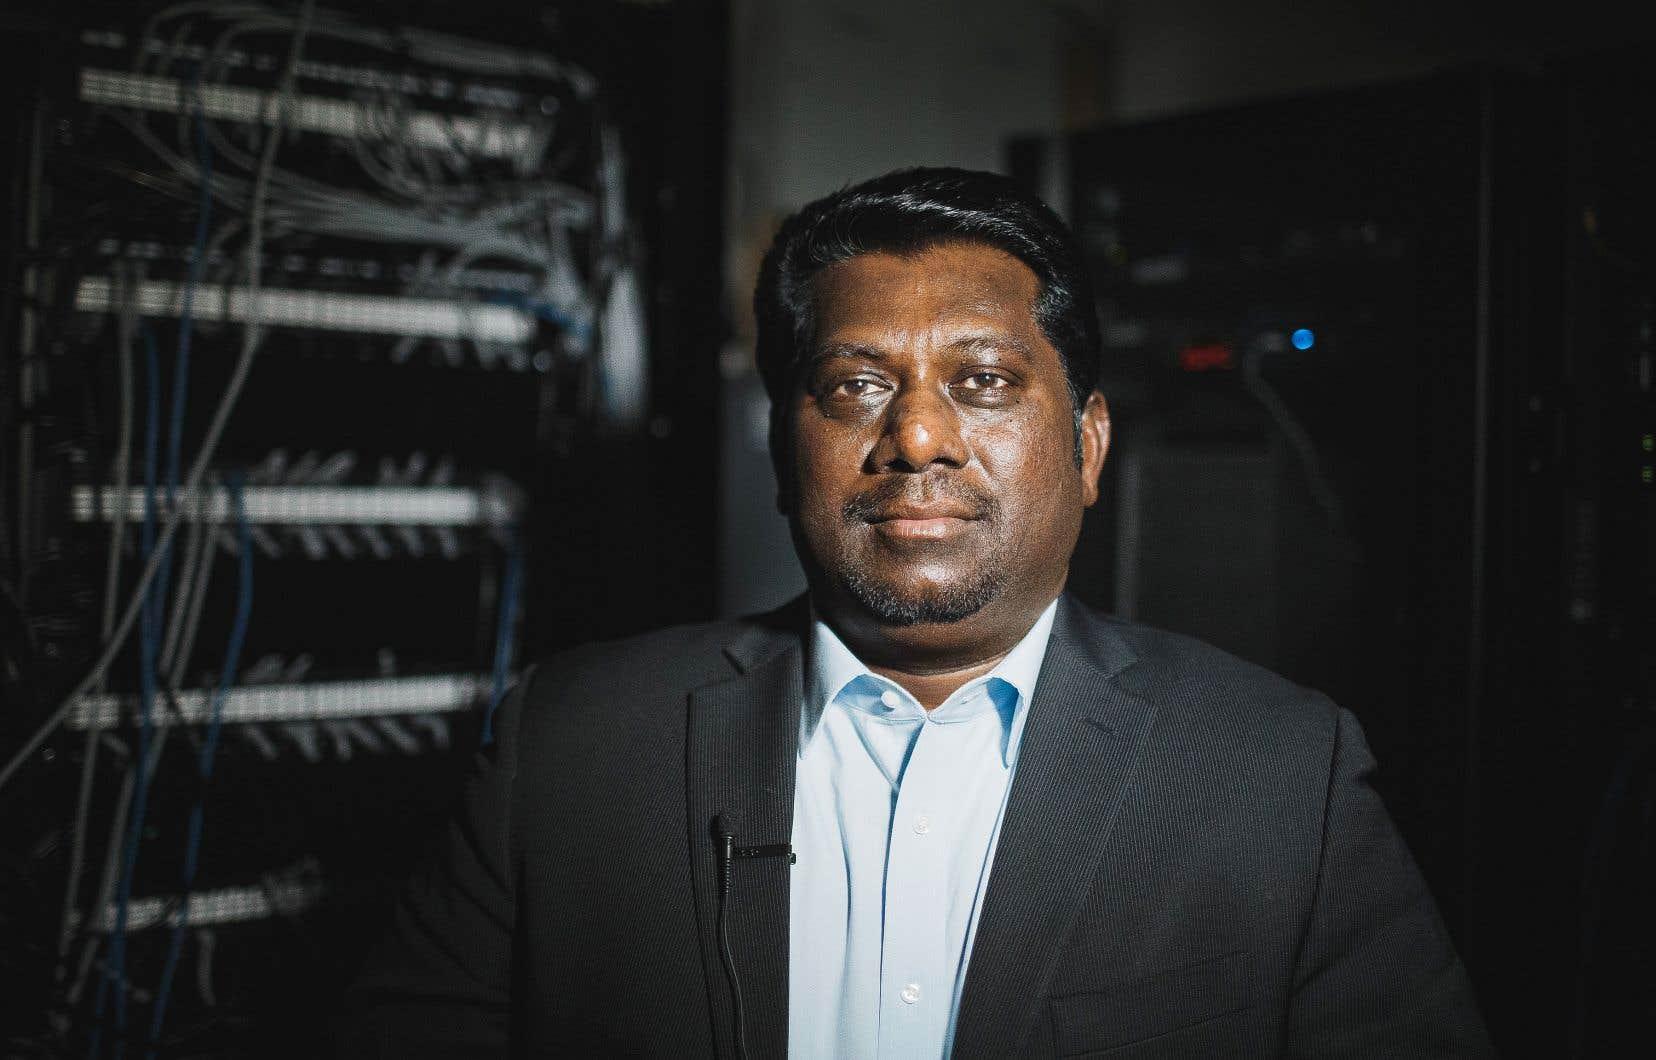 Le spécialiste en intelligence artificielleJothi Periasamy est de passage à Montréal cette semaine en vue de la conférence qu'il présentera ce mardi dans le cadre de Datavore.